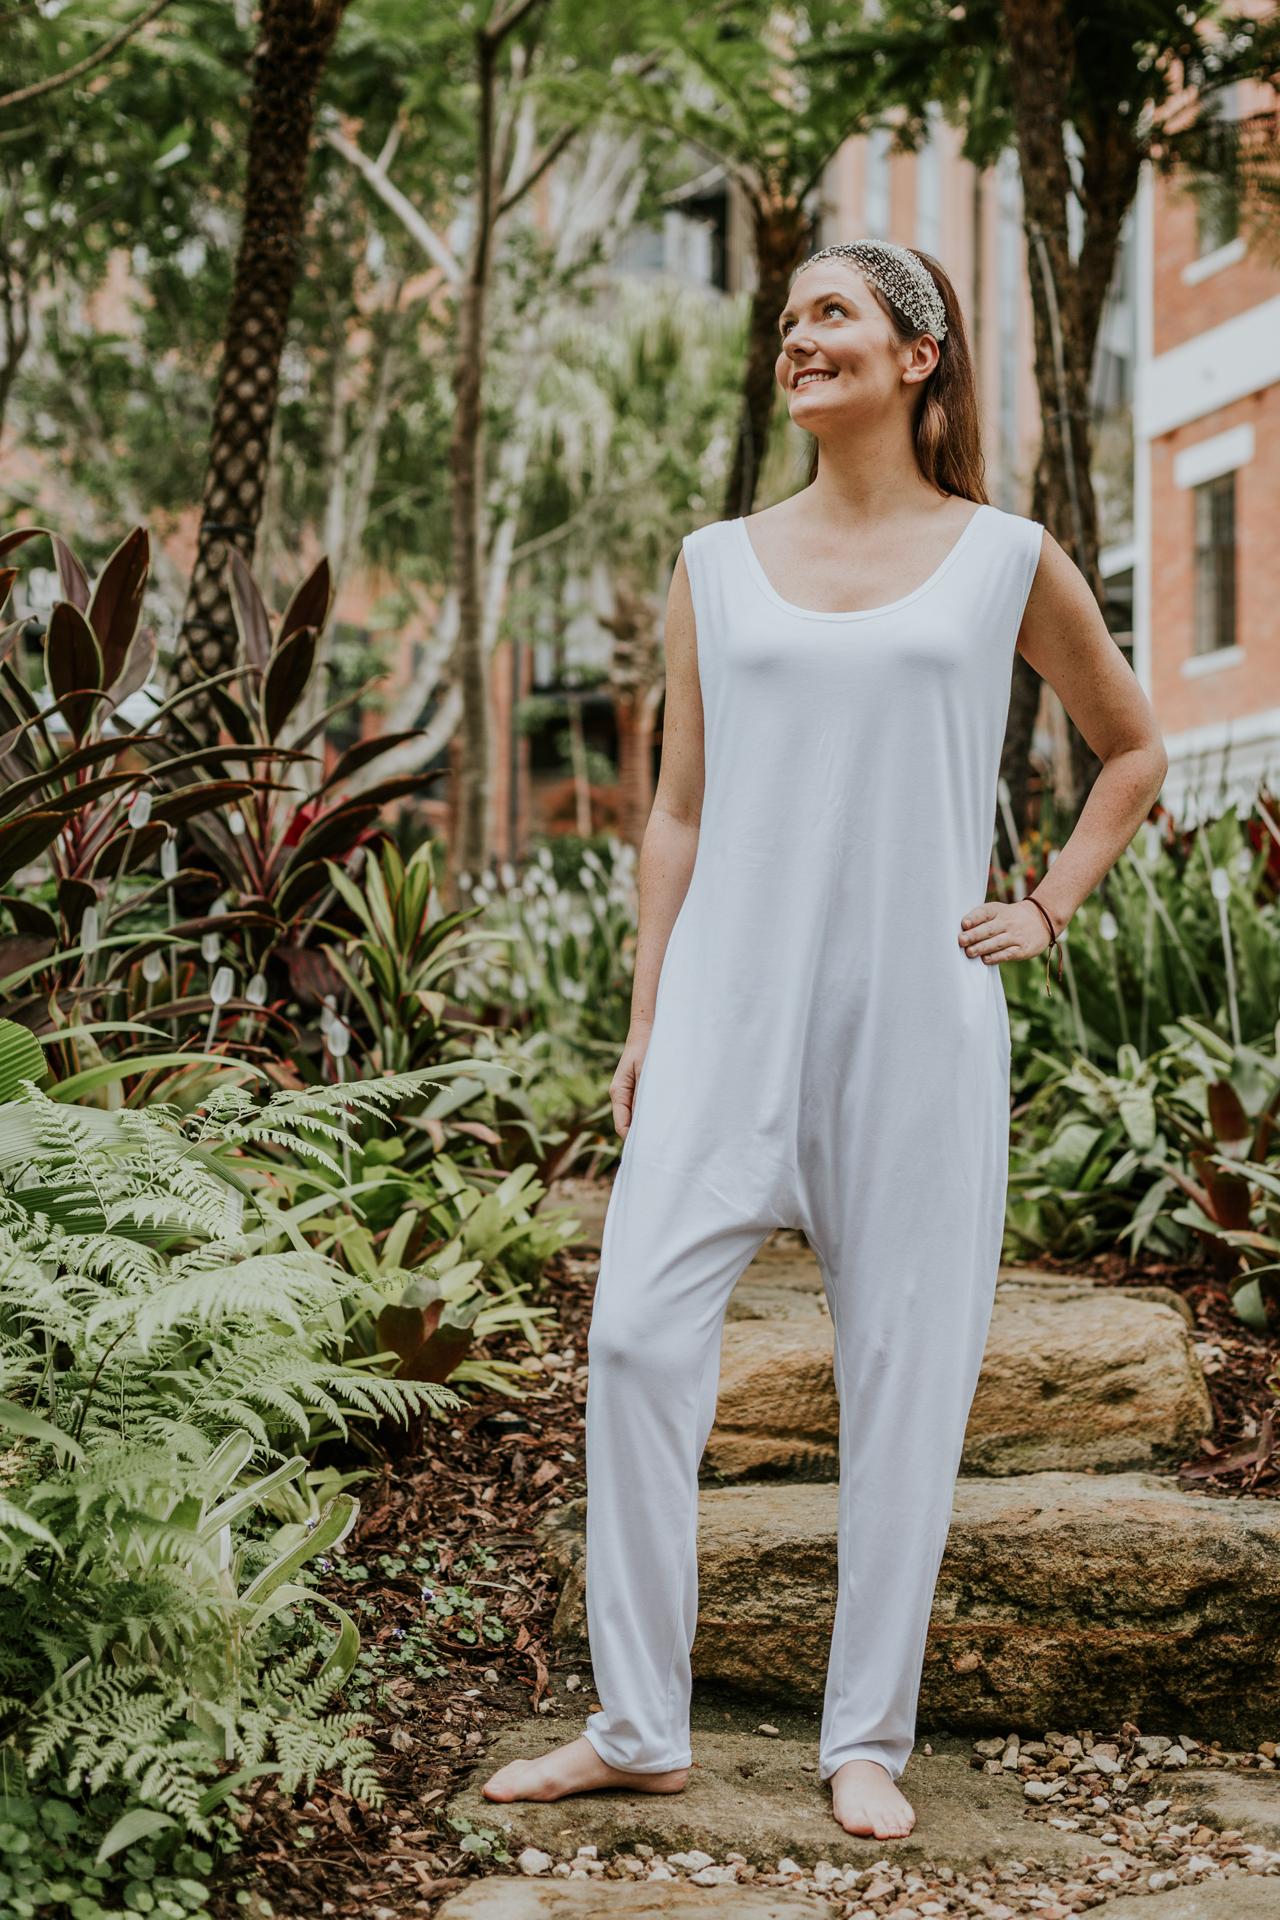 kundalini-yoga-clothes-shakti-shop-online-white-yoga-wear